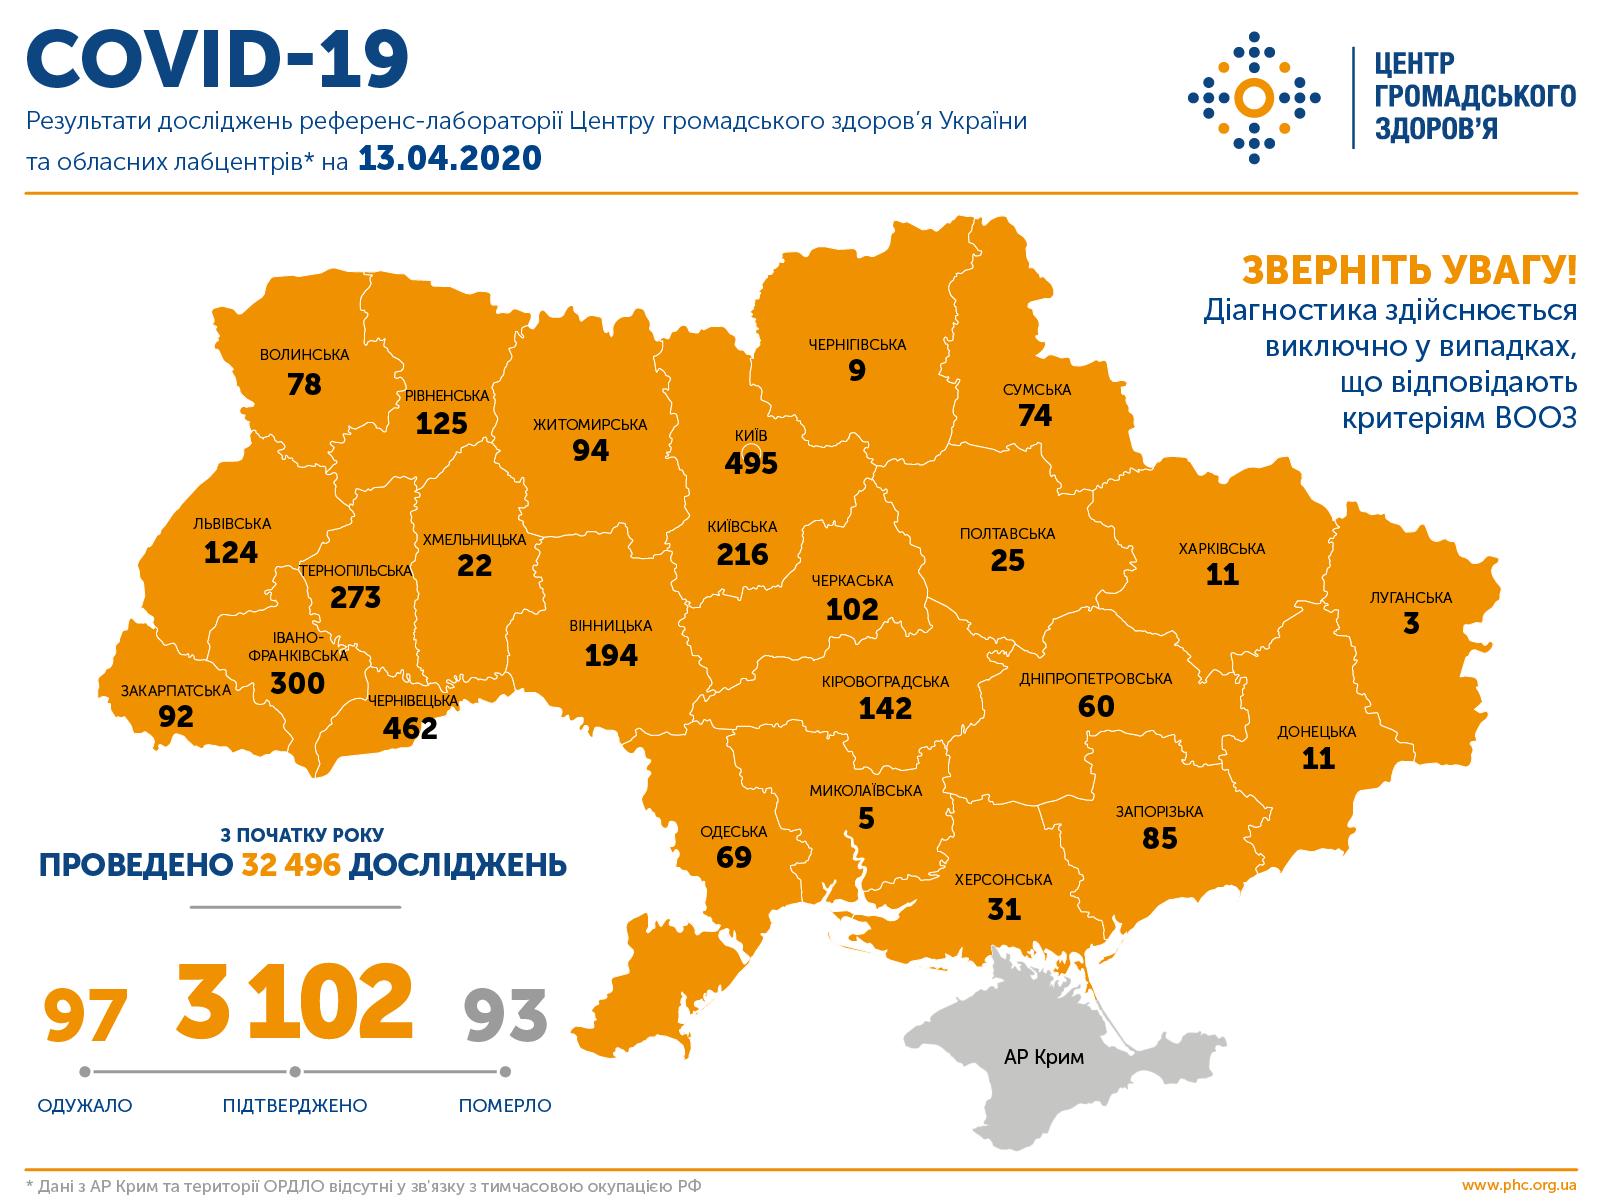 Случаи COVID-19 в Украине на 13 апреля (Фото - ЦОЗ)